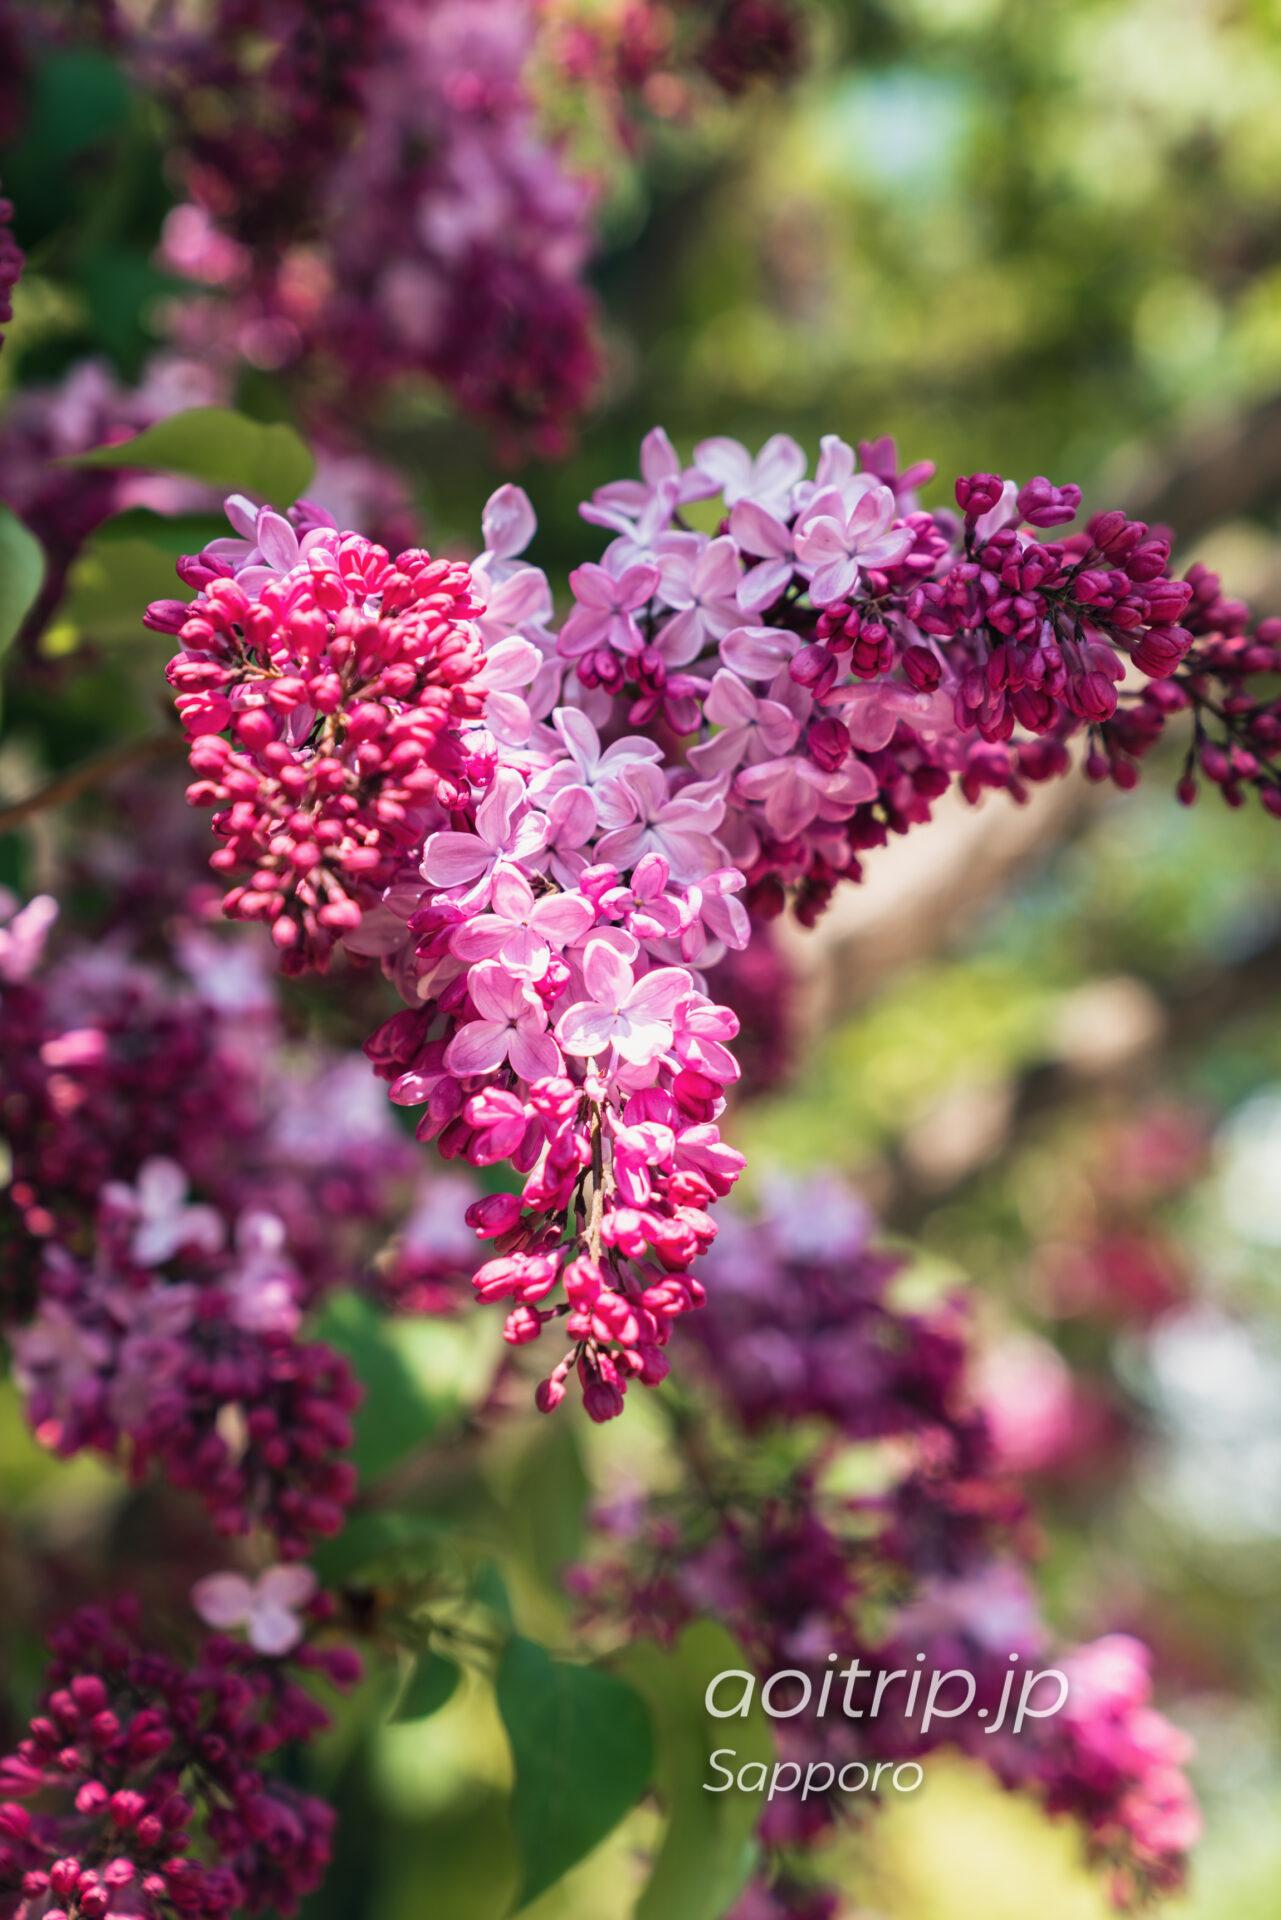 札幌大通公園 ライラックの蕾と花びら